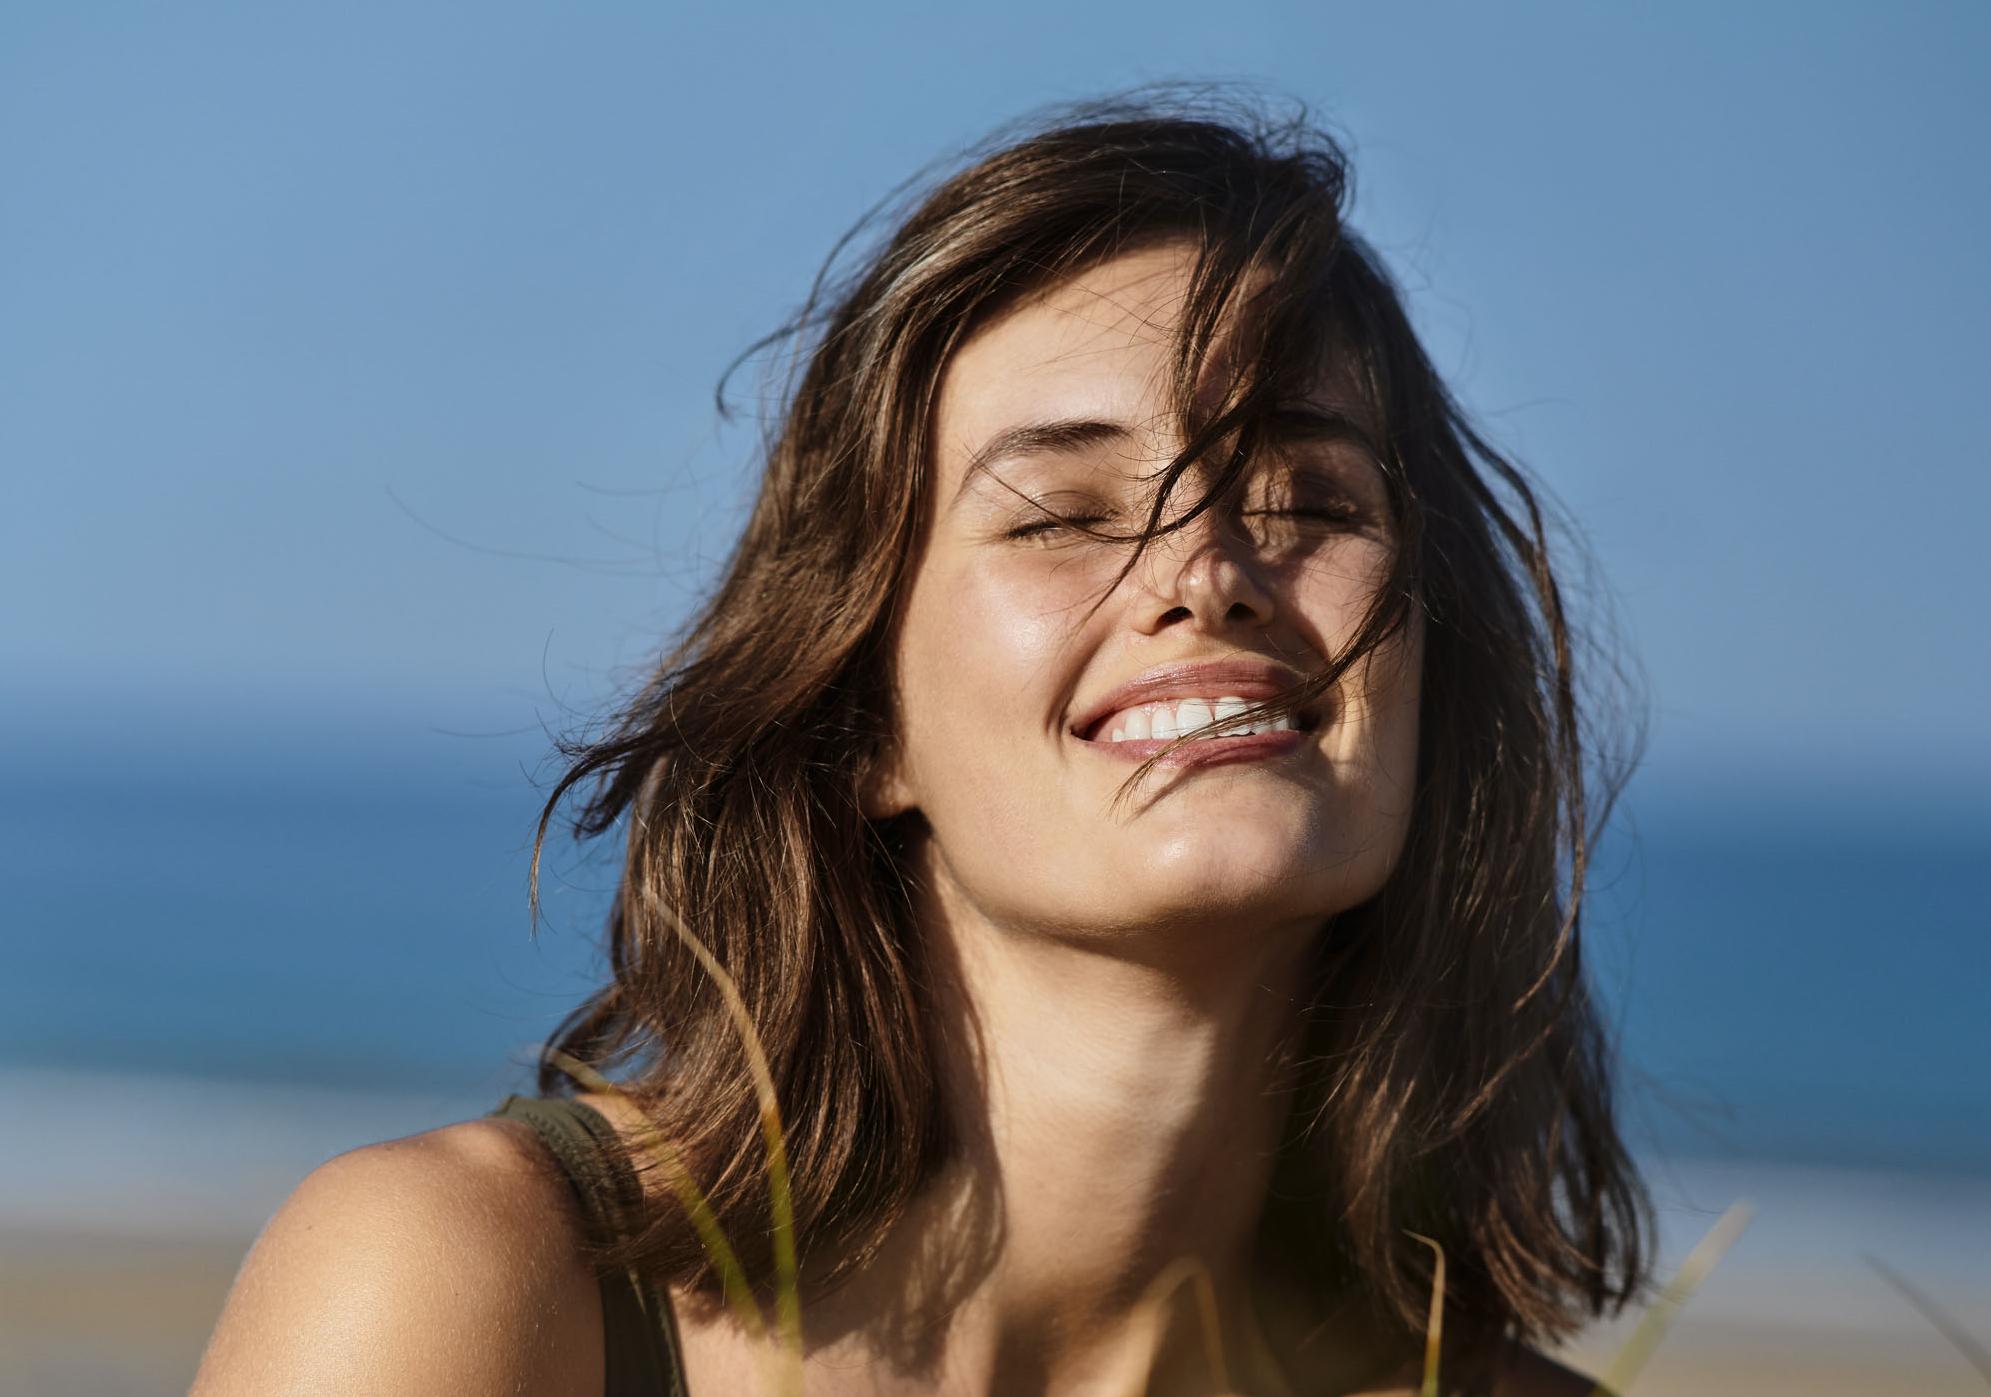 Choisir le meilleur produit de protection solaire pour votre peau : suivez le guide